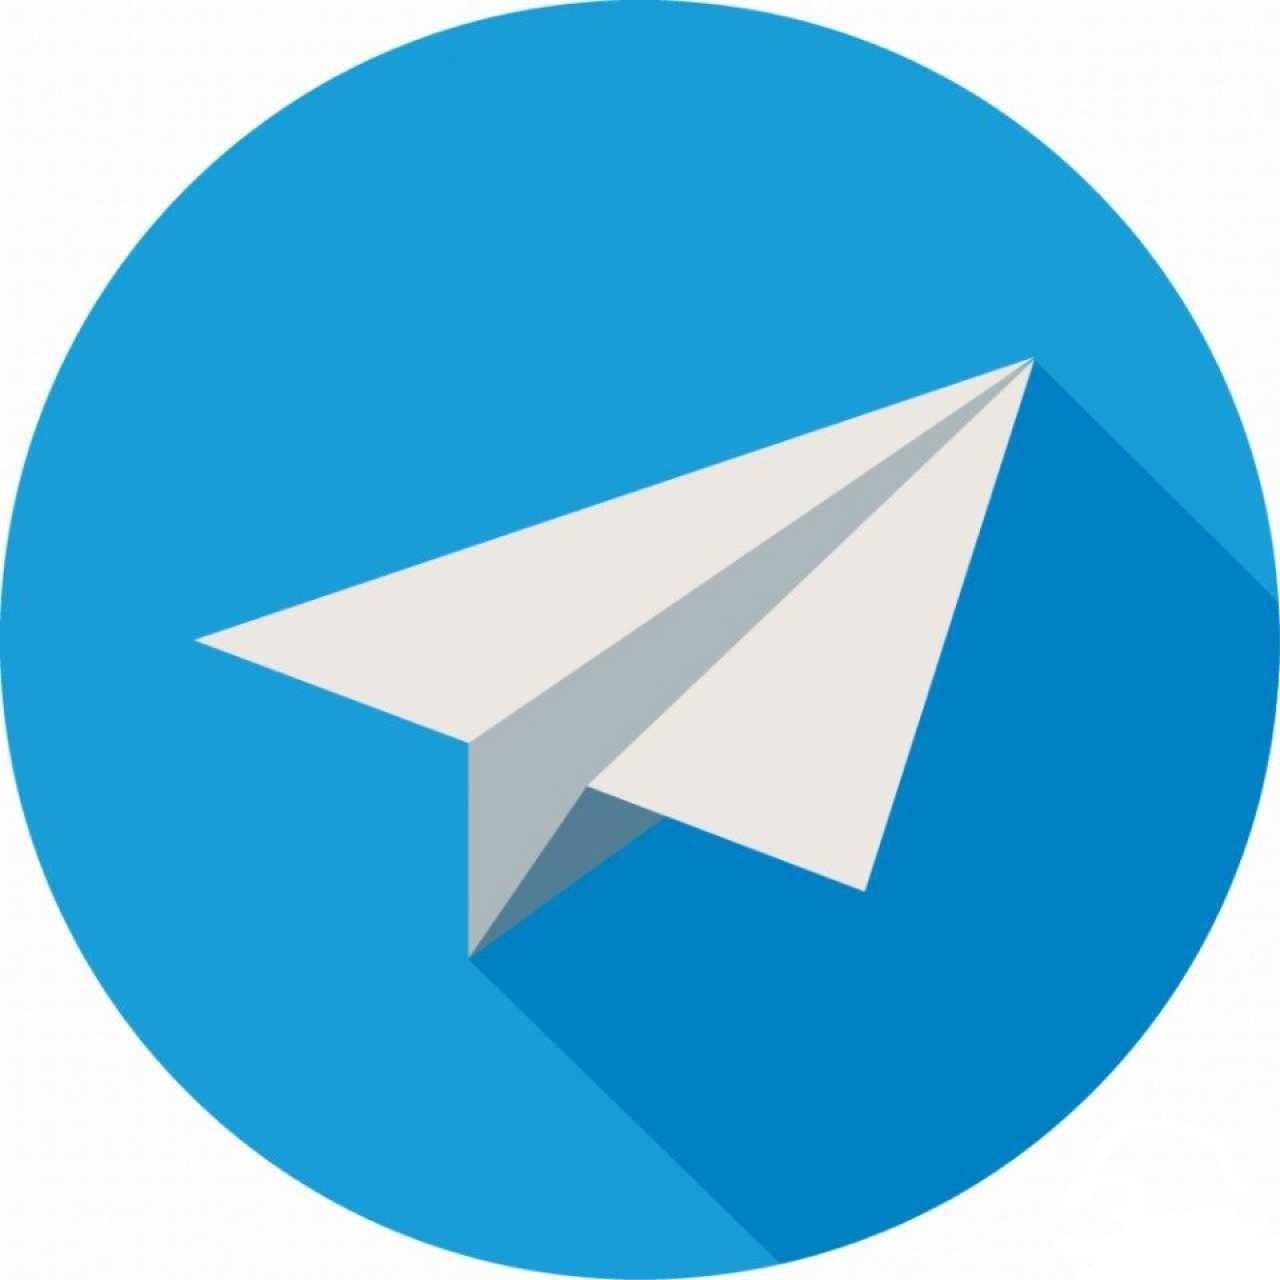 Очередное обновление Telegram принесет много нового